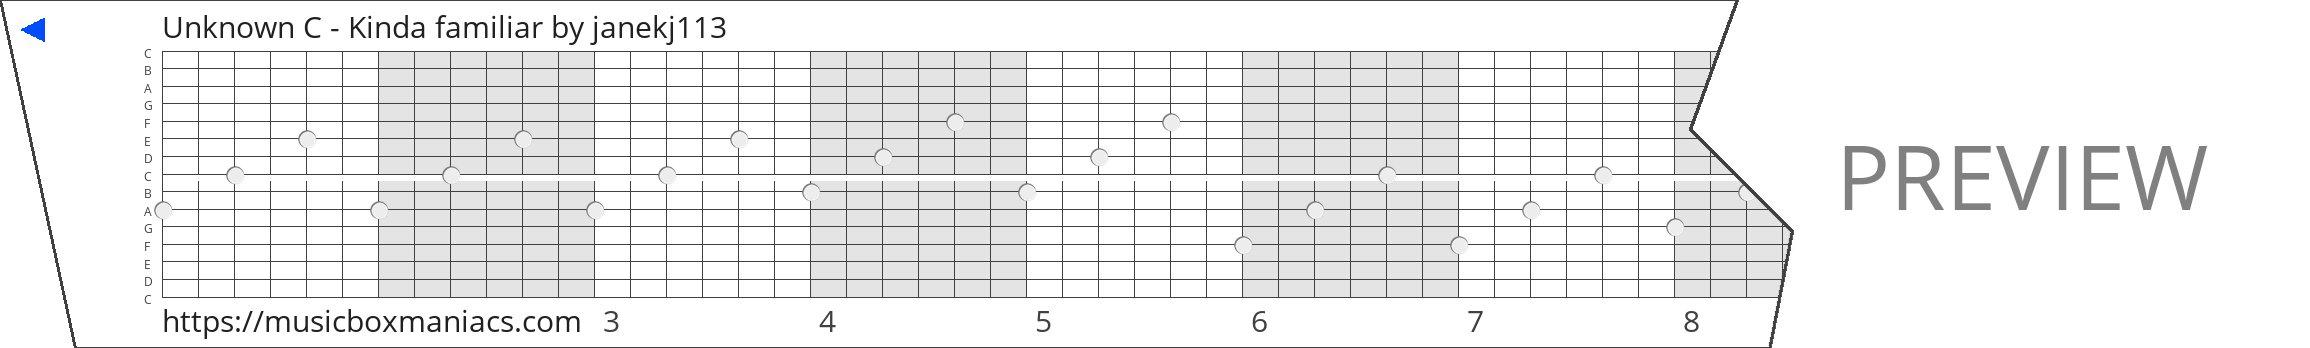 Unknown C - Kinda familiar 15 note music box paper strip